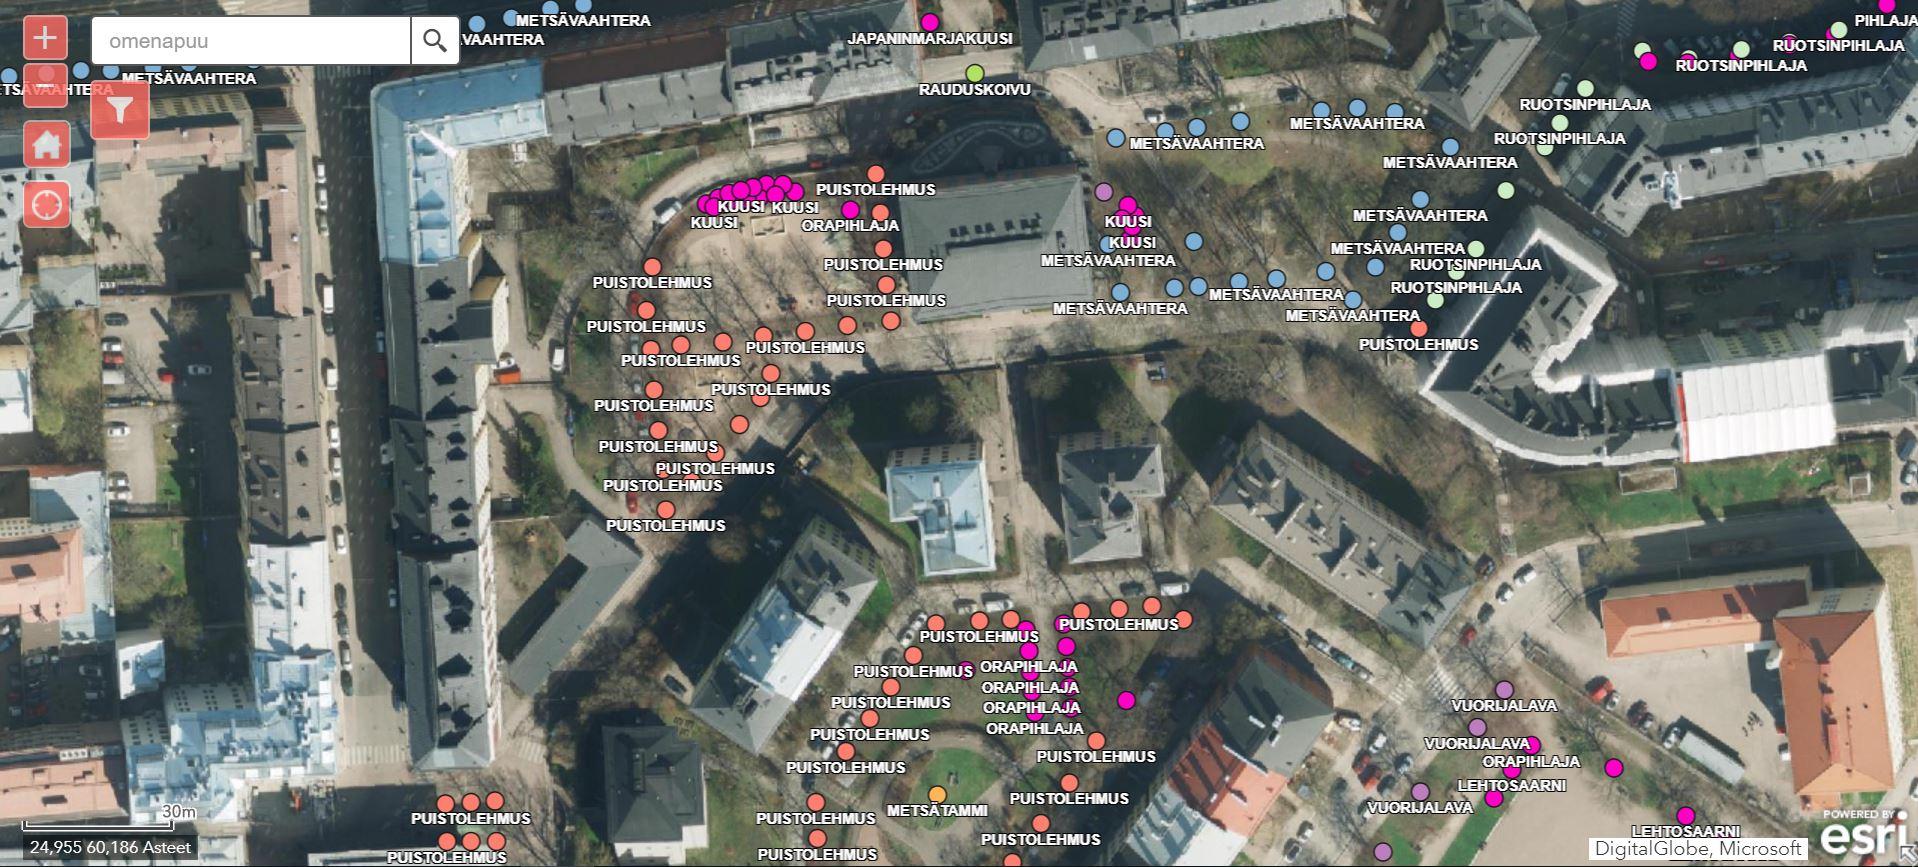 halaa-puuta-helsingin-puut-visualisoituna-kartalle